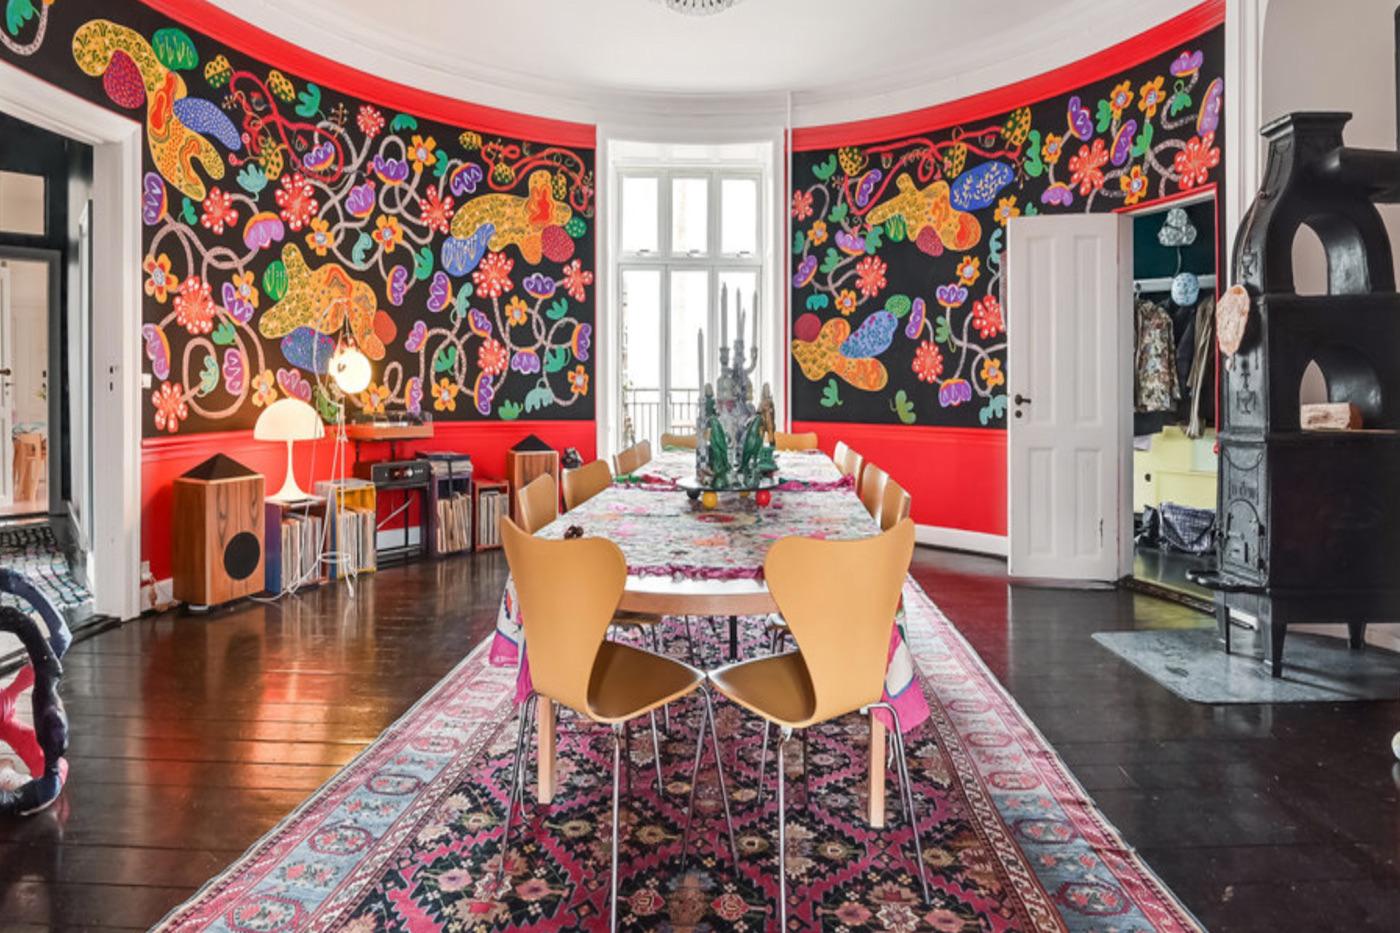 Tal R havde selv dekoreret den 264 kvadratmeter store lejlighed på indre Østerbro, som han solgte for 13,25 millioner kroner. Foto: Claus Borg & Partner.